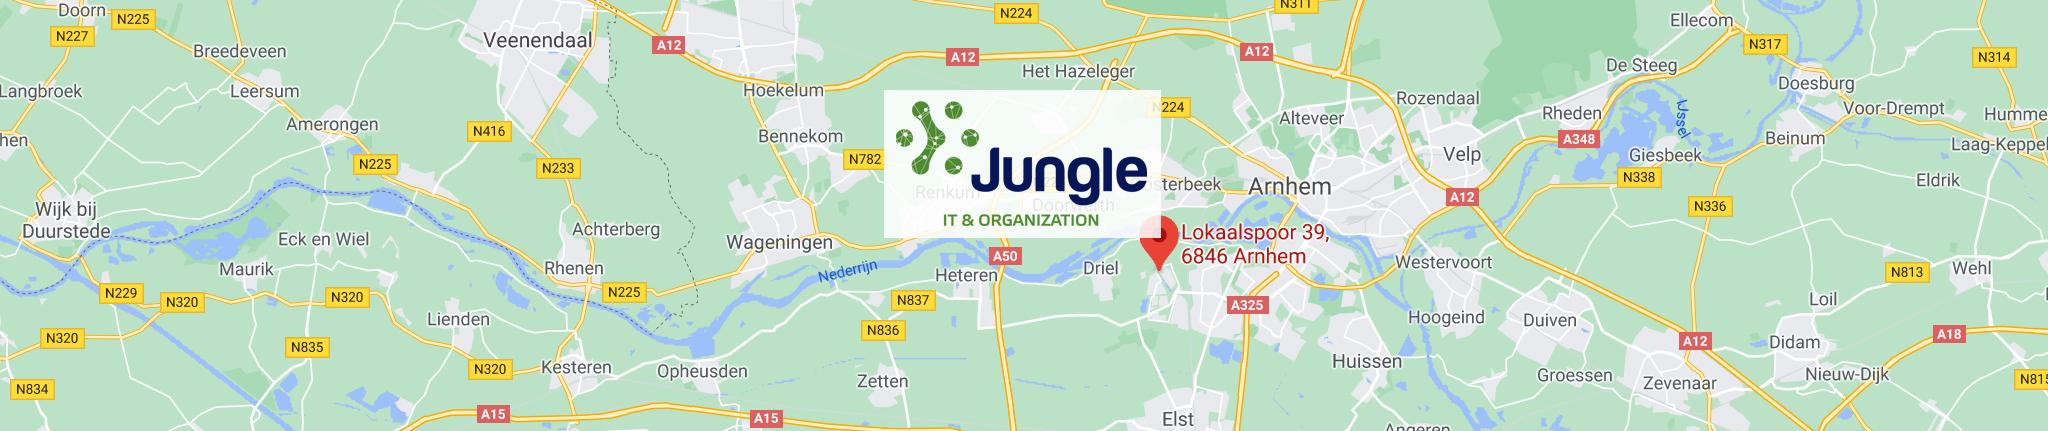 Kaart en route naar Jungle It & Organization